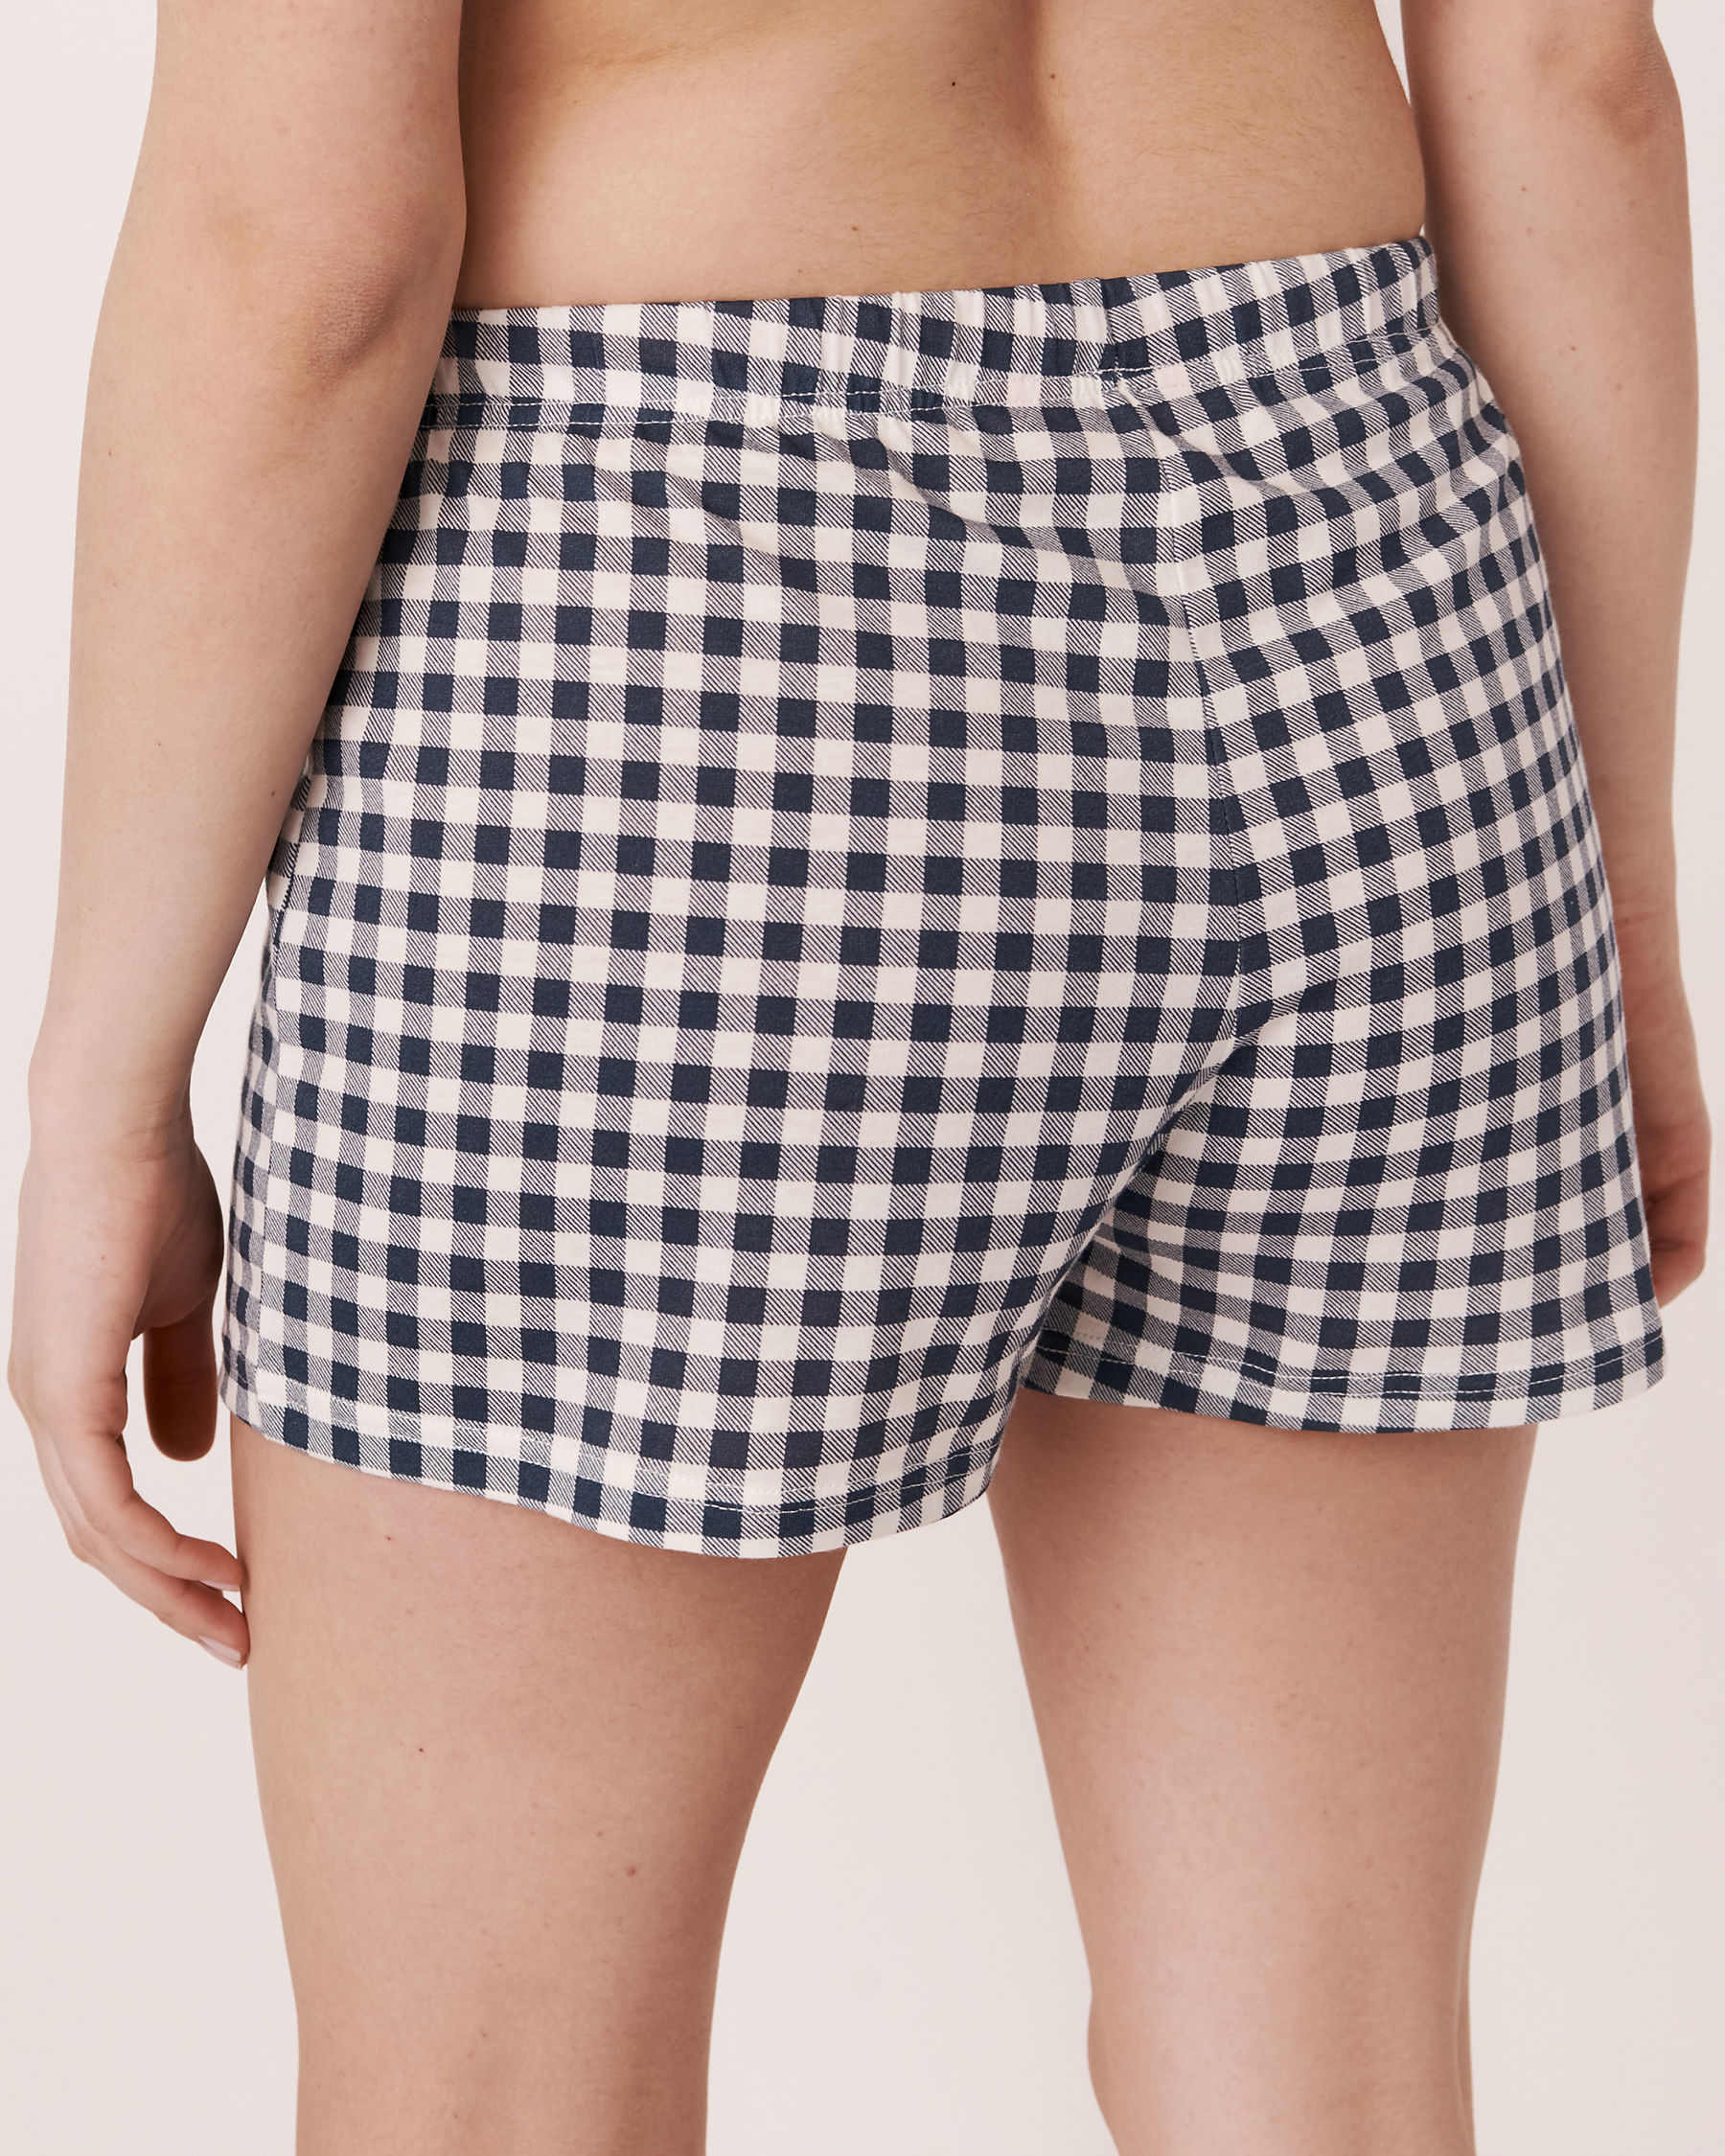 LA VIE EN ROSE Pyjama Short with Drawstring Vichy navy 40200107 - View2